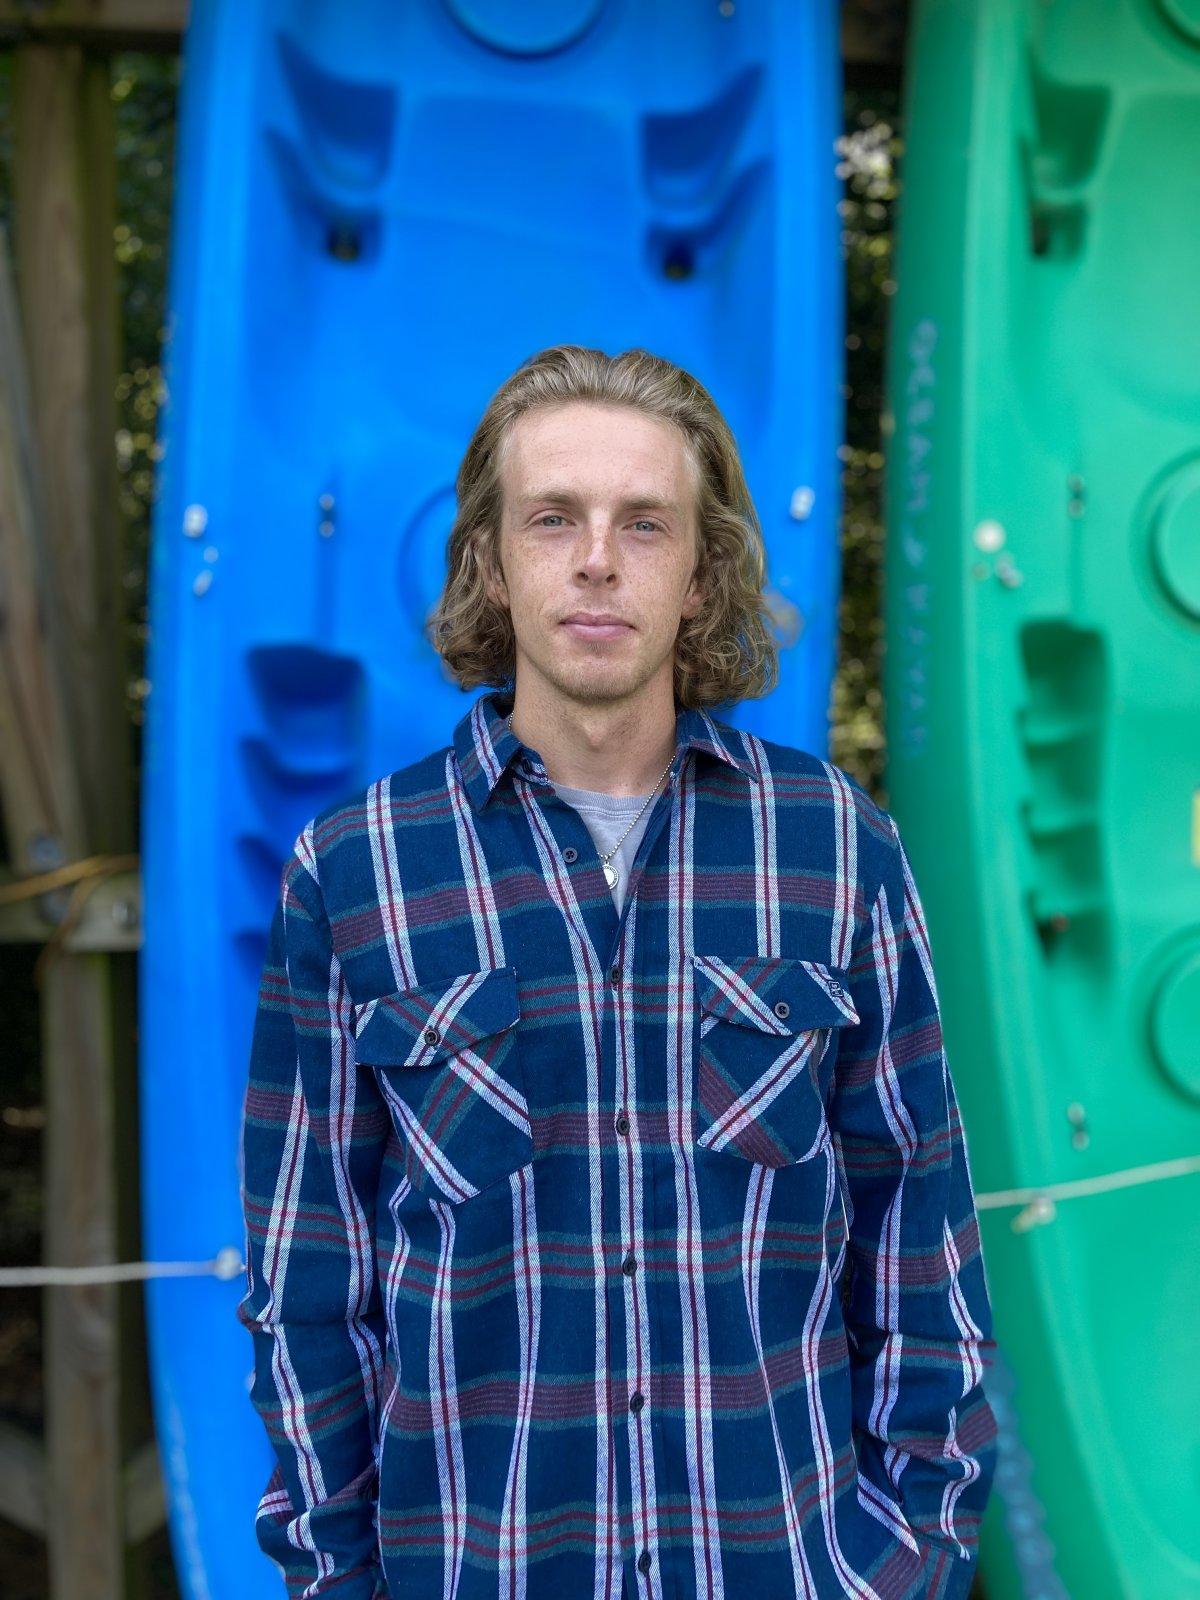 Surf & Adventure Koomer Flannel